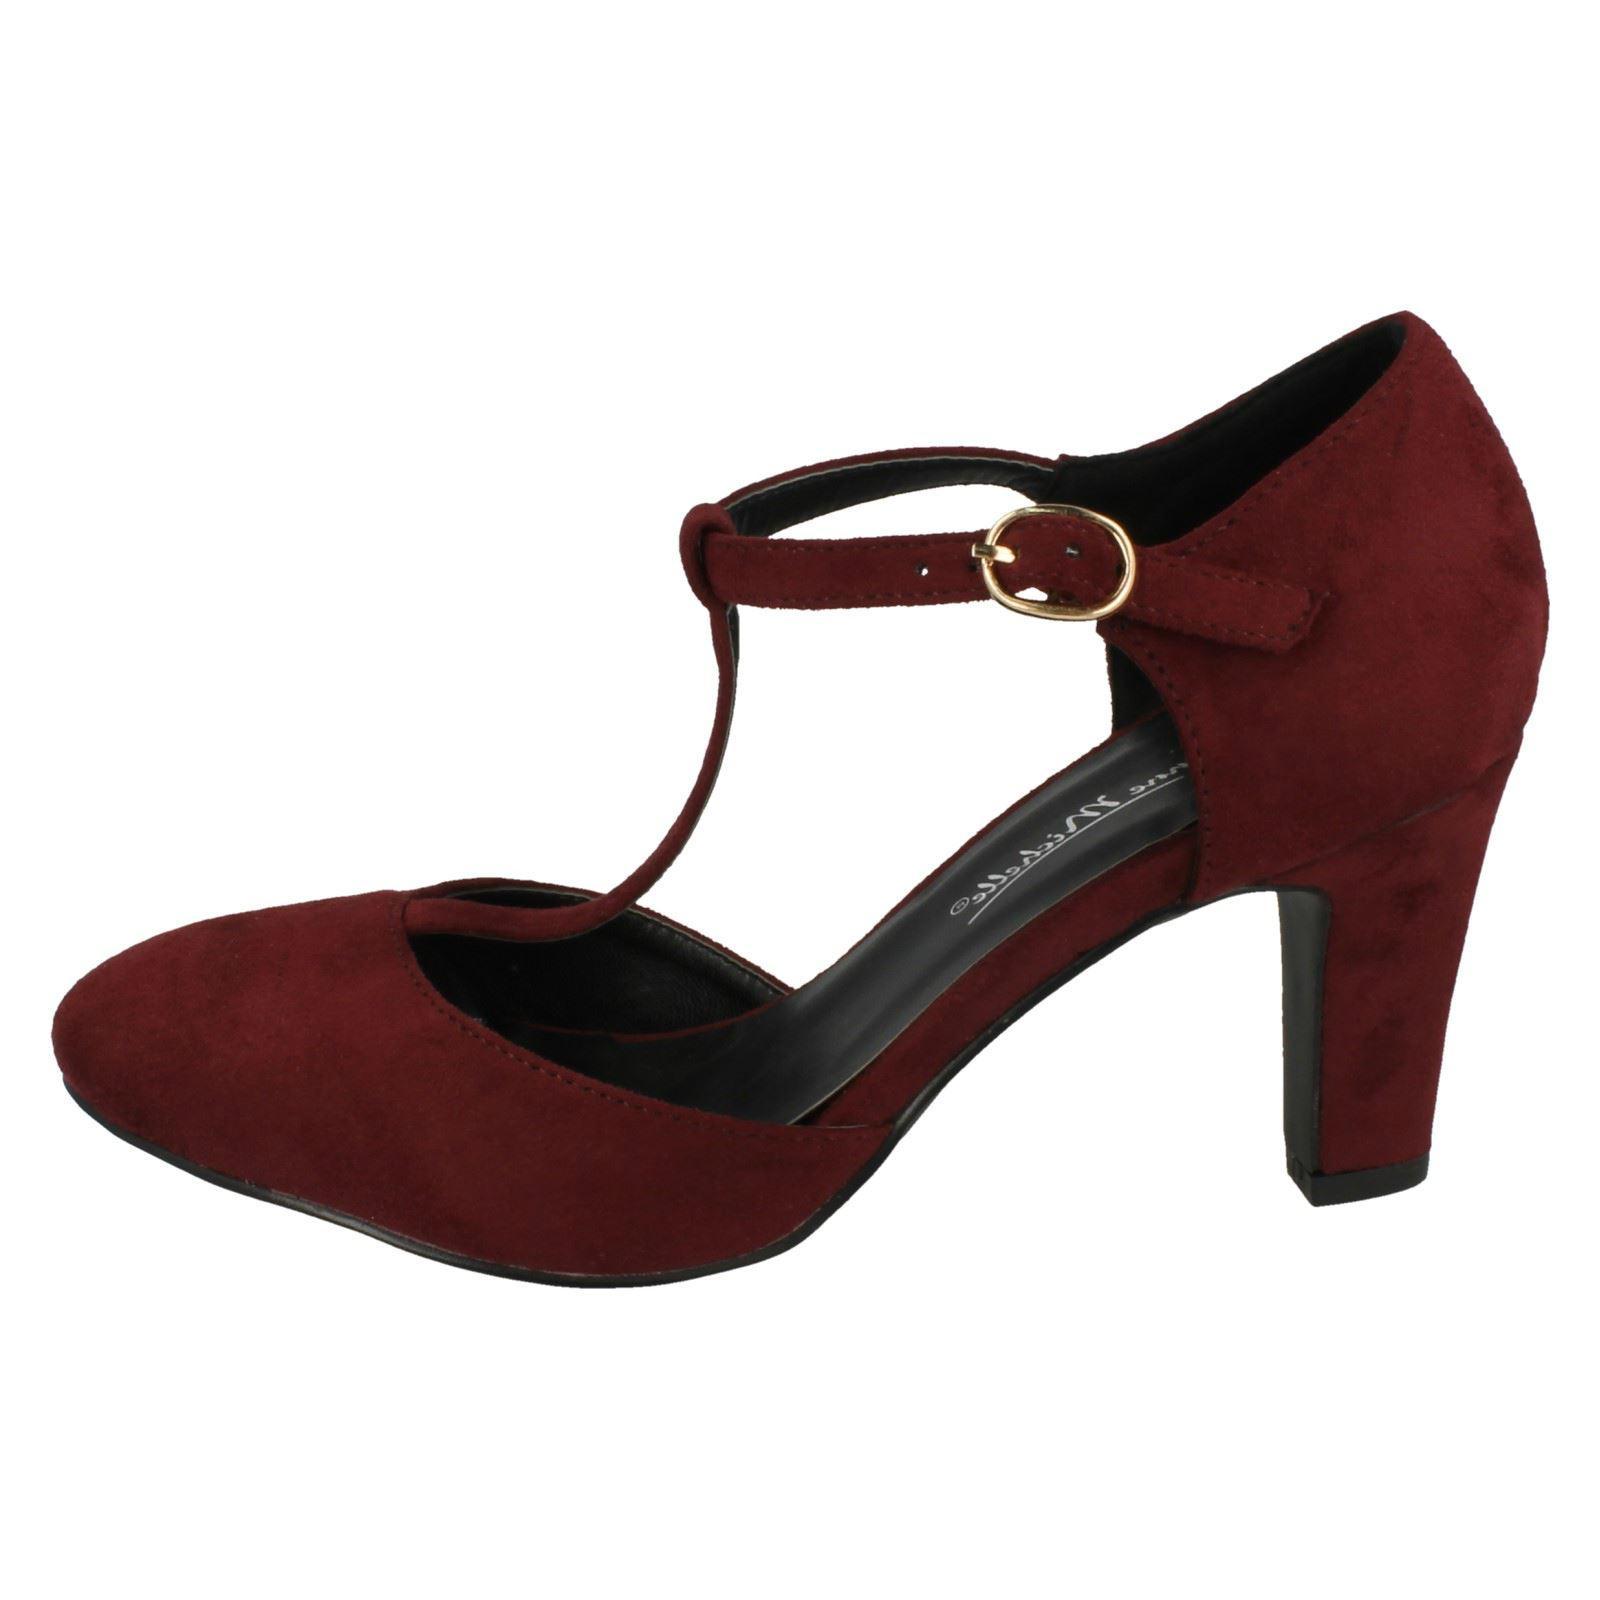 Ladies-Anne-Michelle-T-Bar-Smart-Shoes thumbnail 30